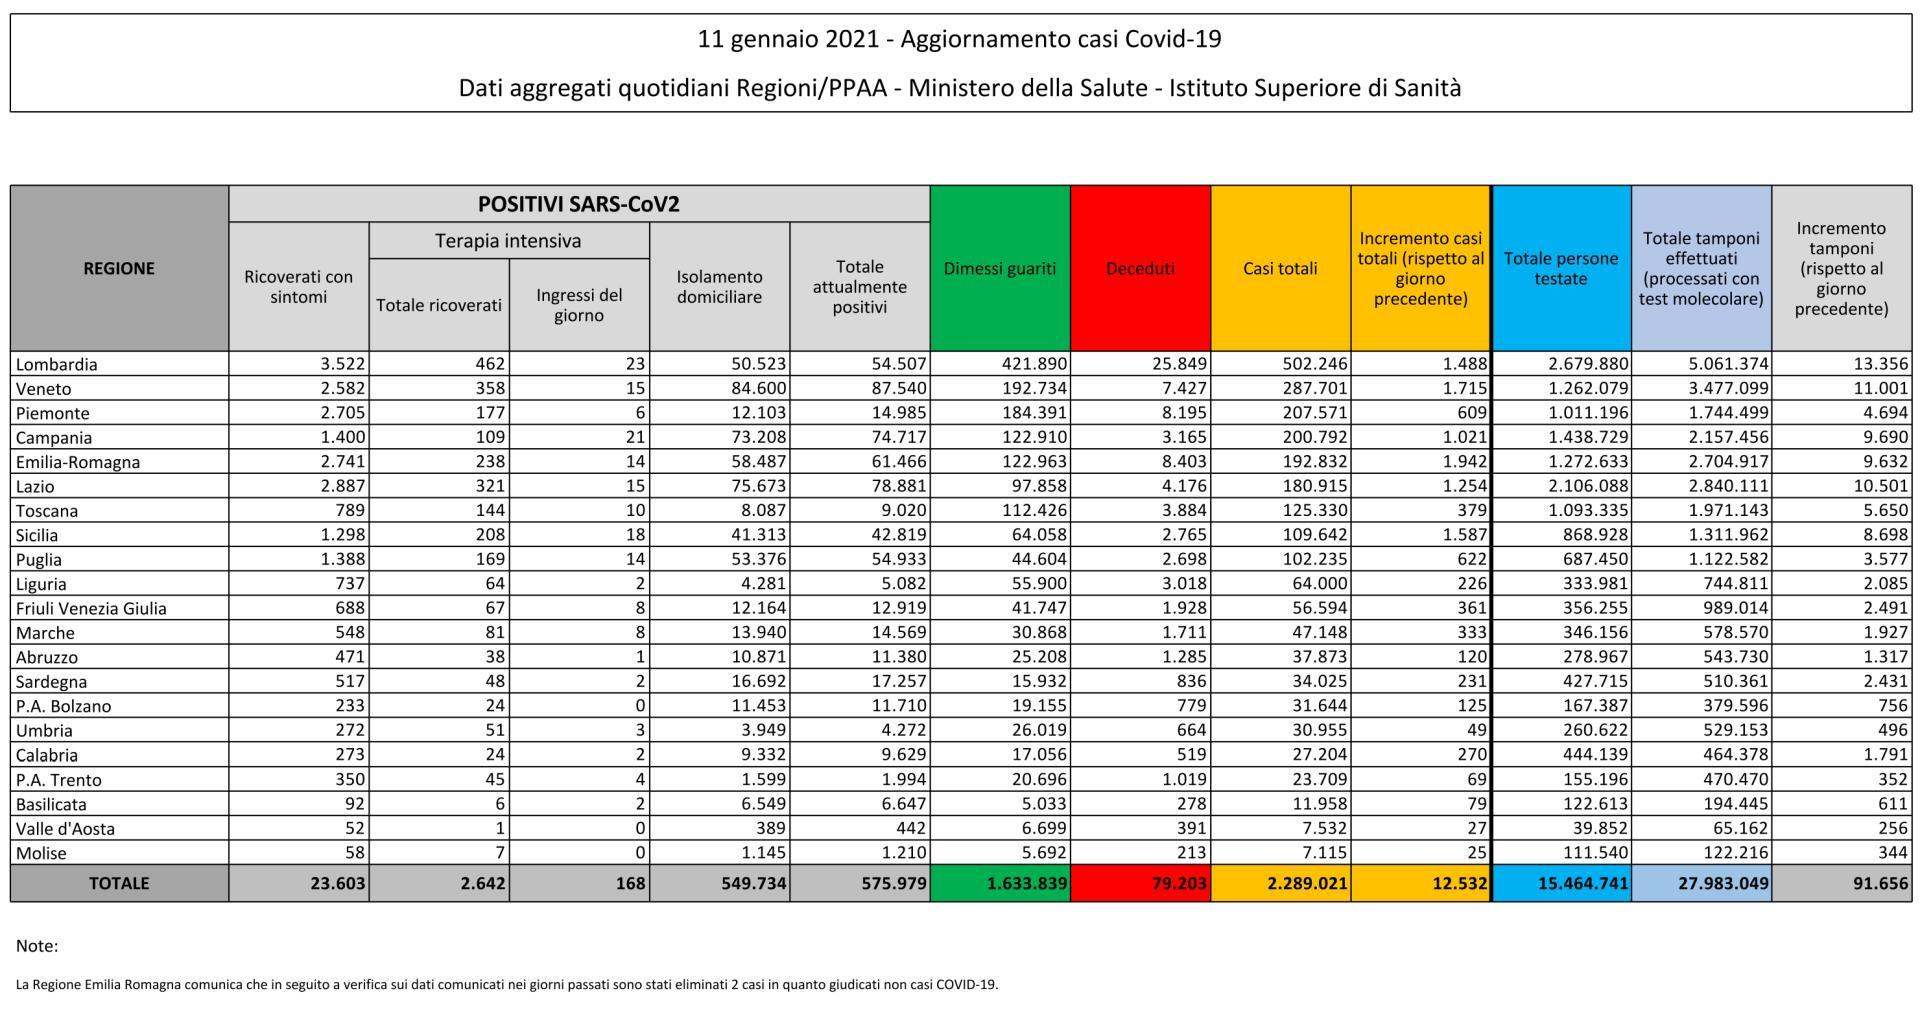 11 gennaio 2021 - Aggiornamento casi Covid-19 Dati aggregati quotidiani Regioni/PPAA - Ministero della Salute - Istituto Superiore di Sanità